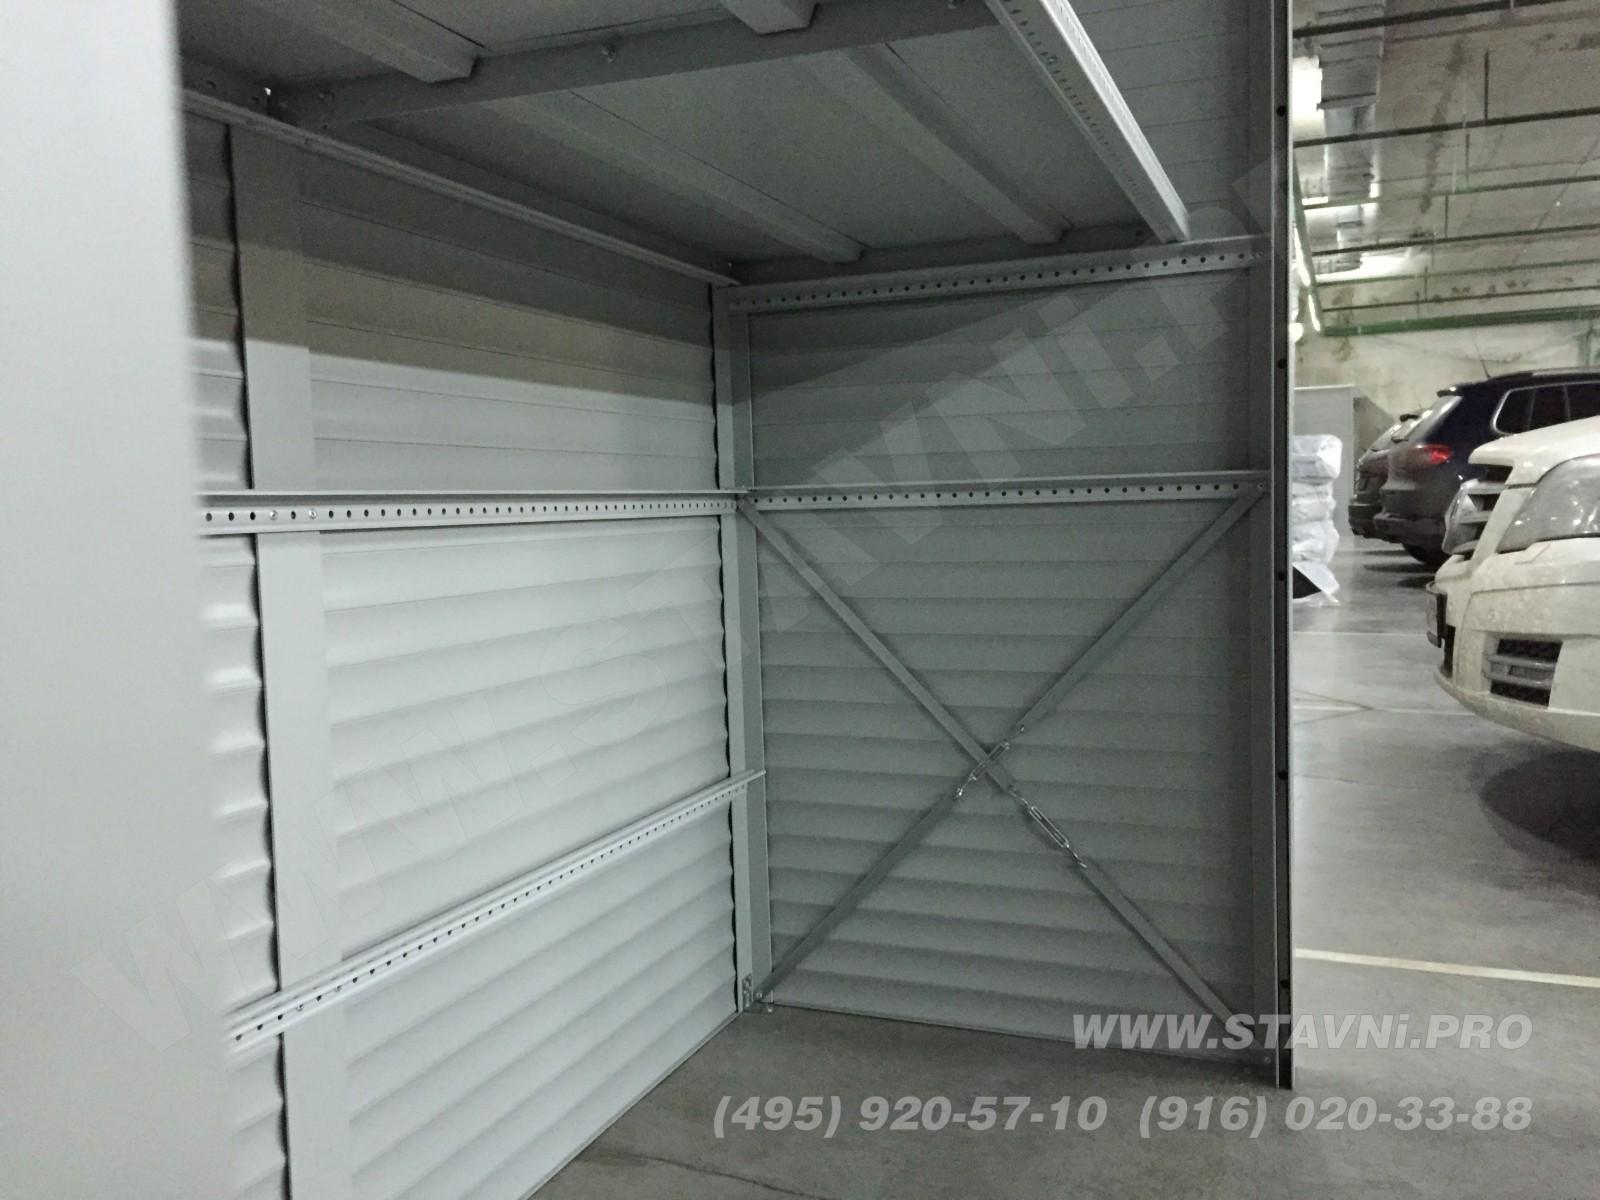 правая боковая стенка шкафа с рольставнями